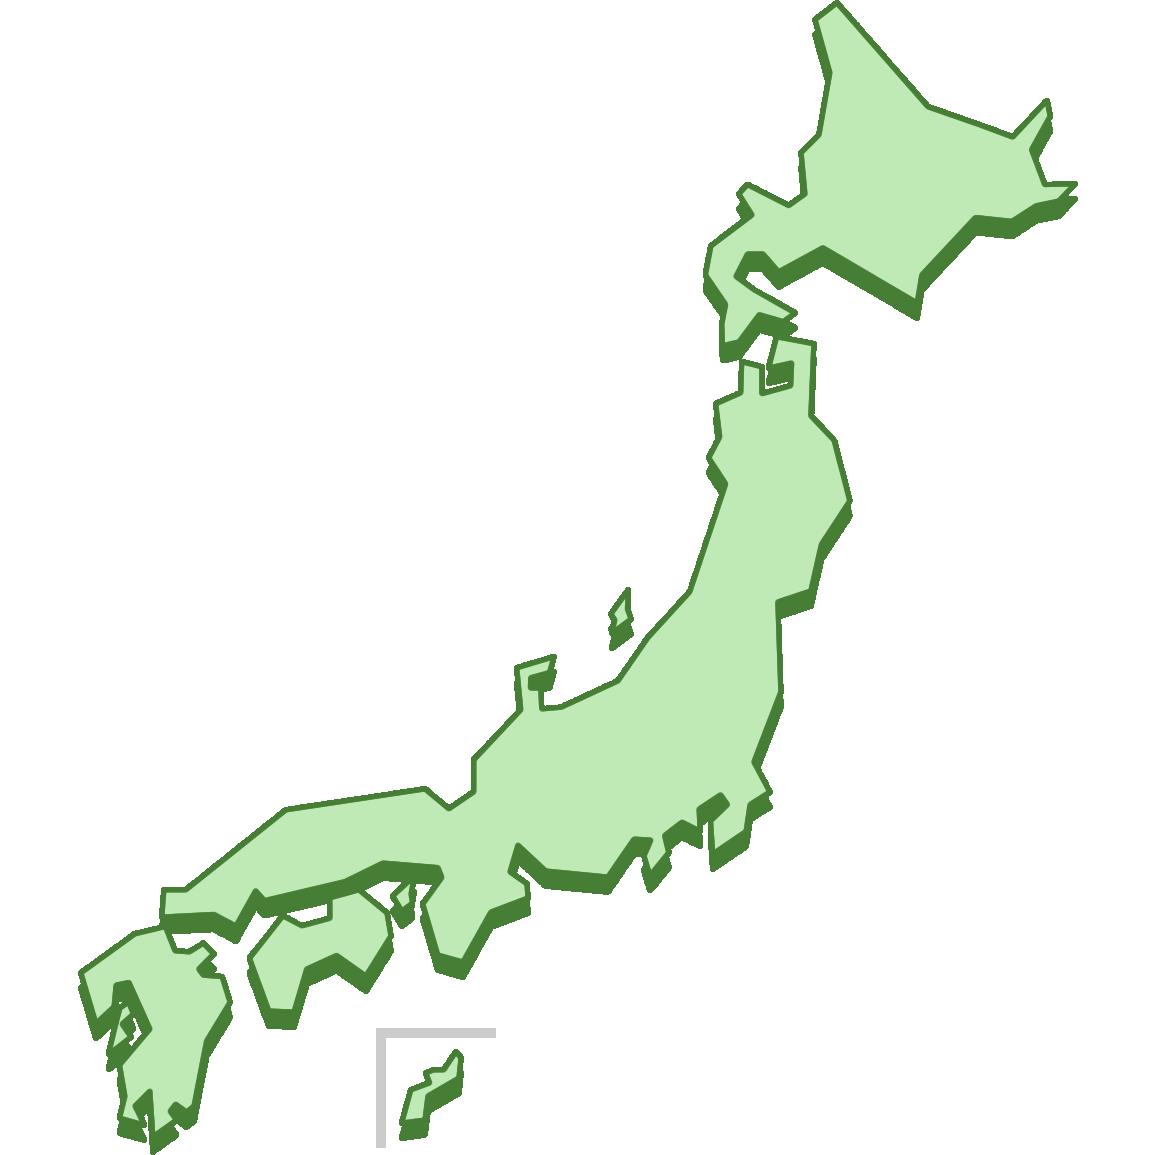 シンプルな日本地図のイラスト